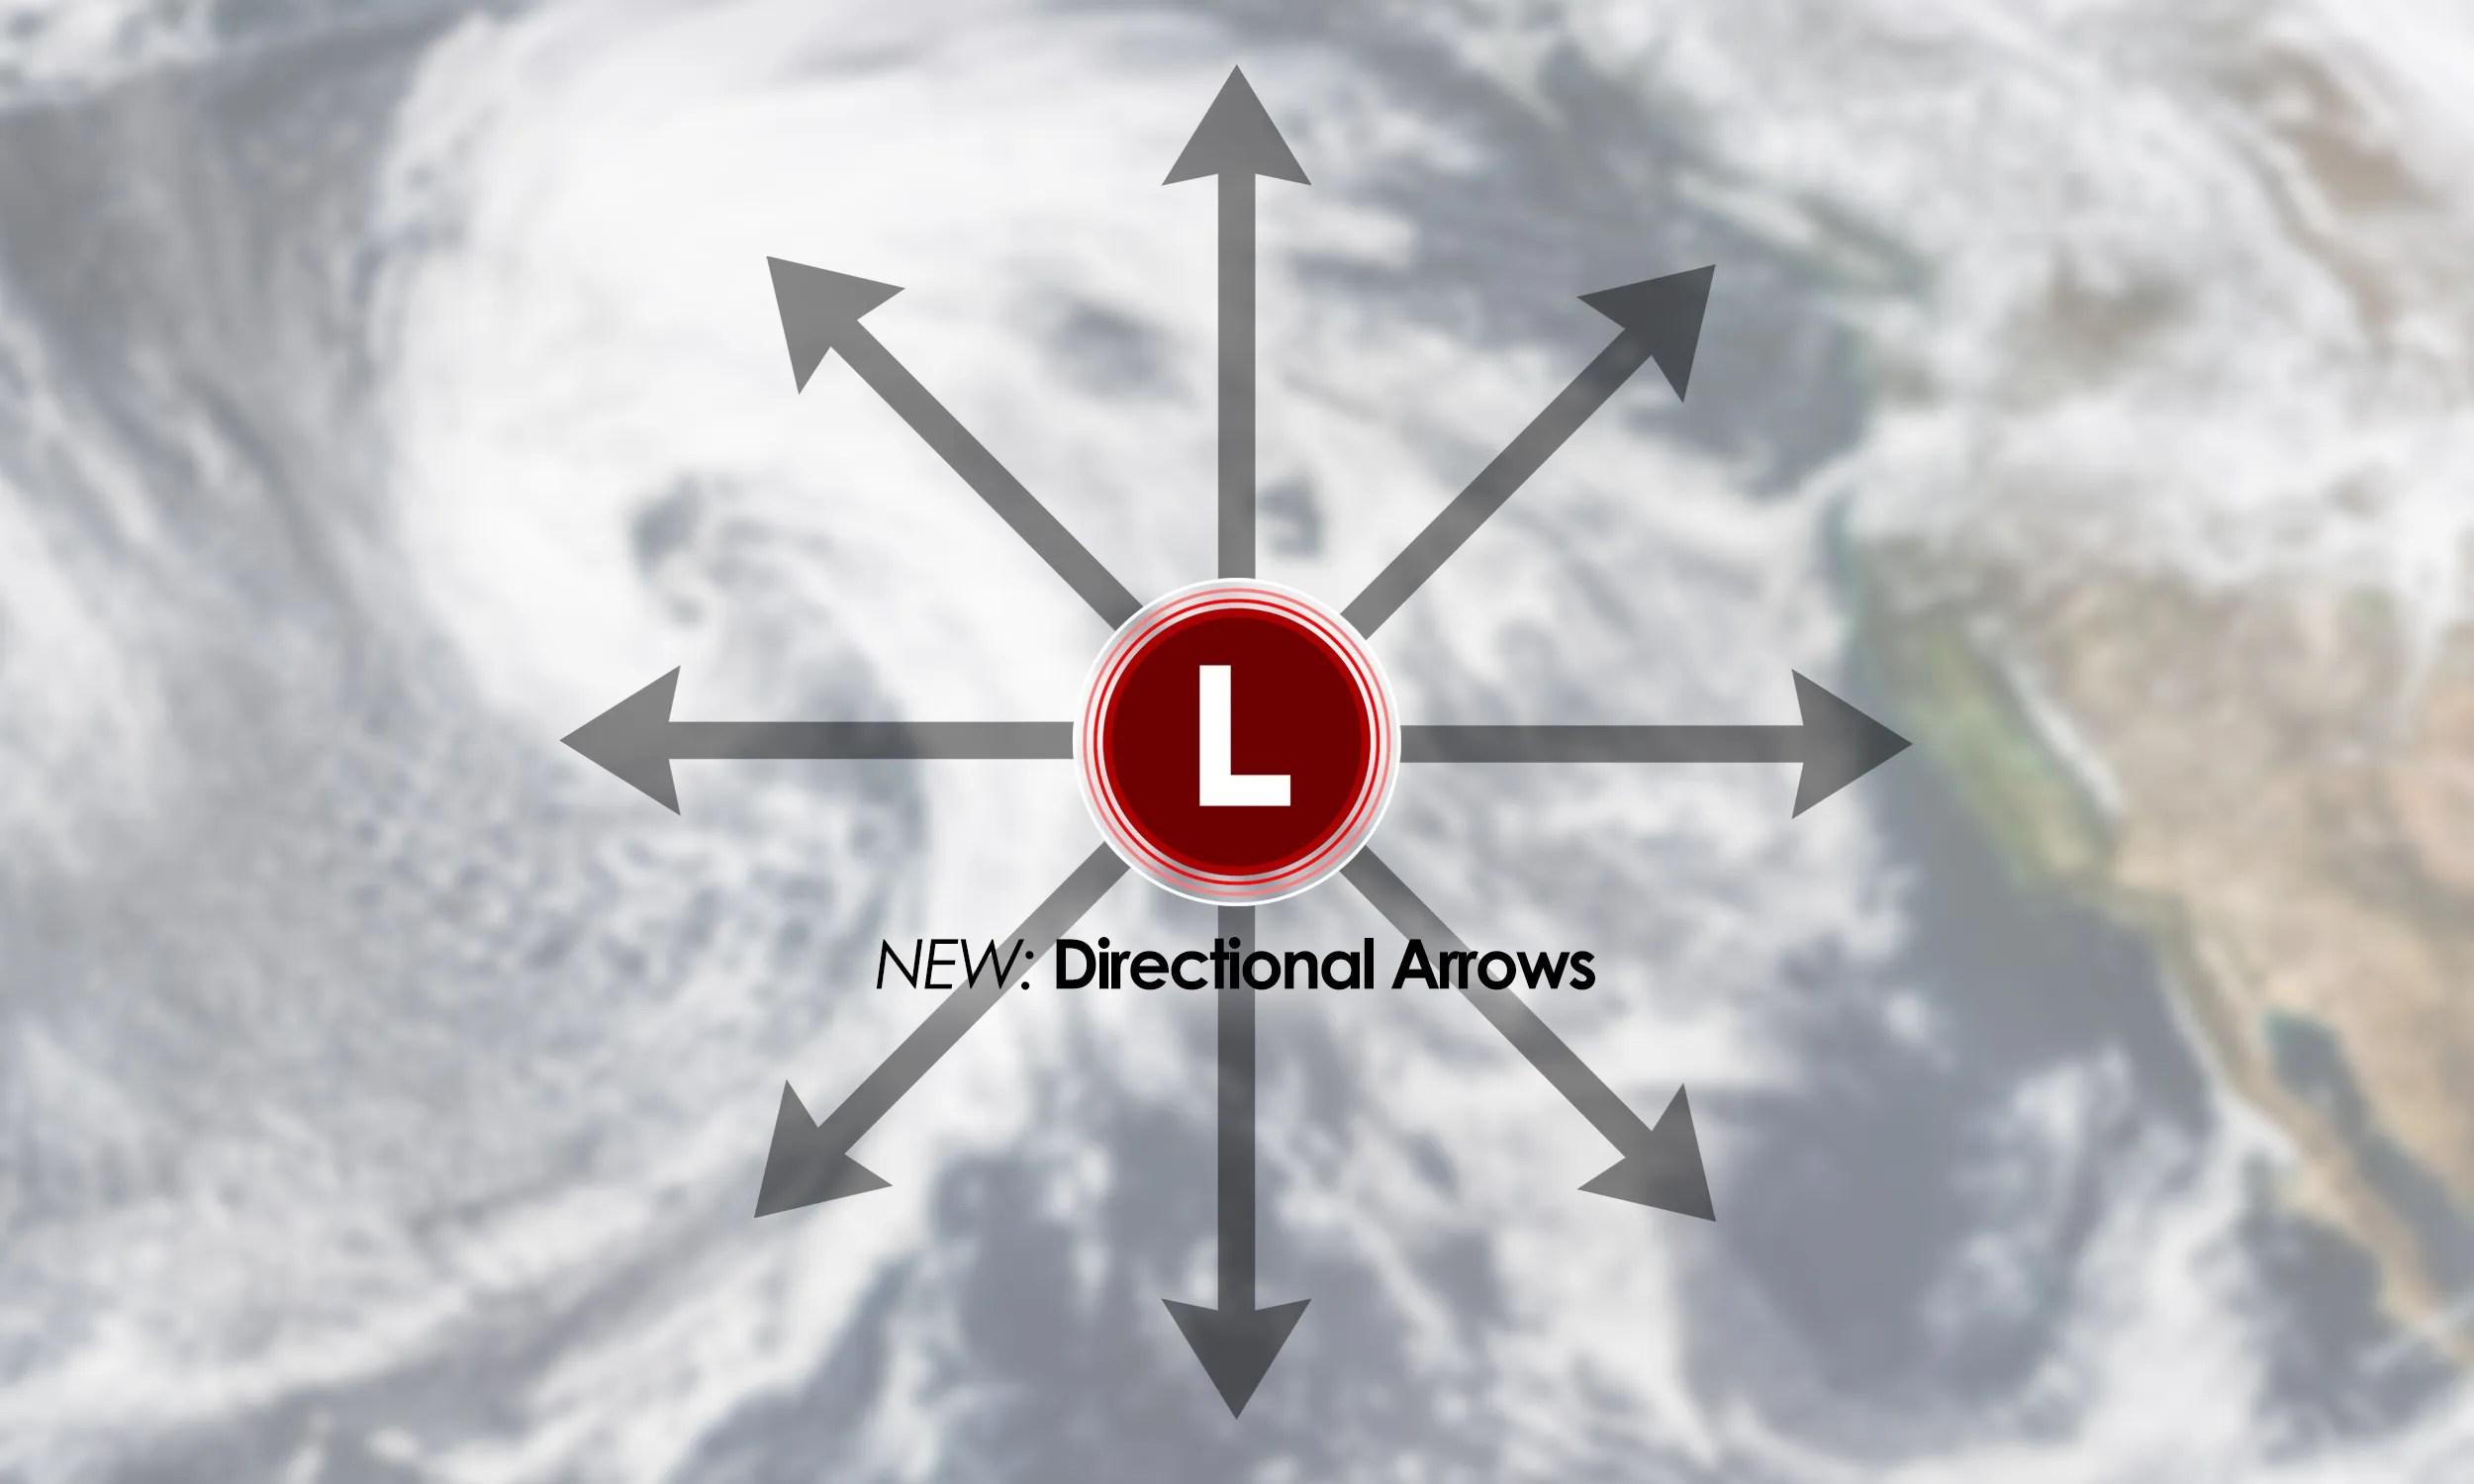 Directional arrowa